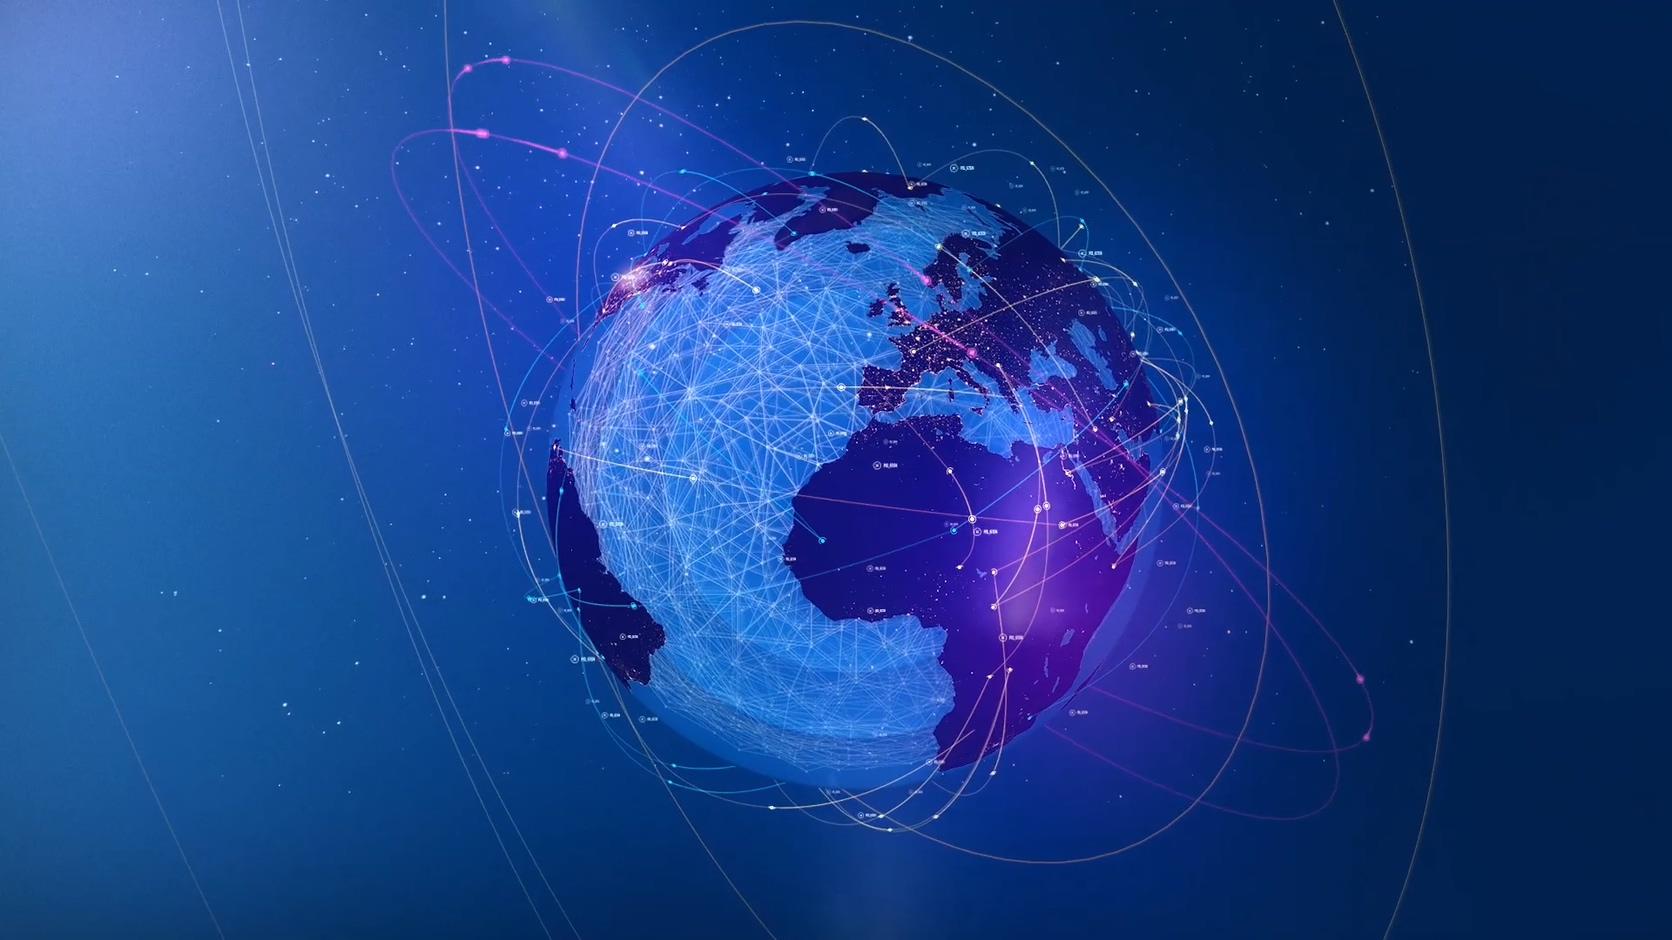 科技物流货物跟踪信息线条辐射地球线条